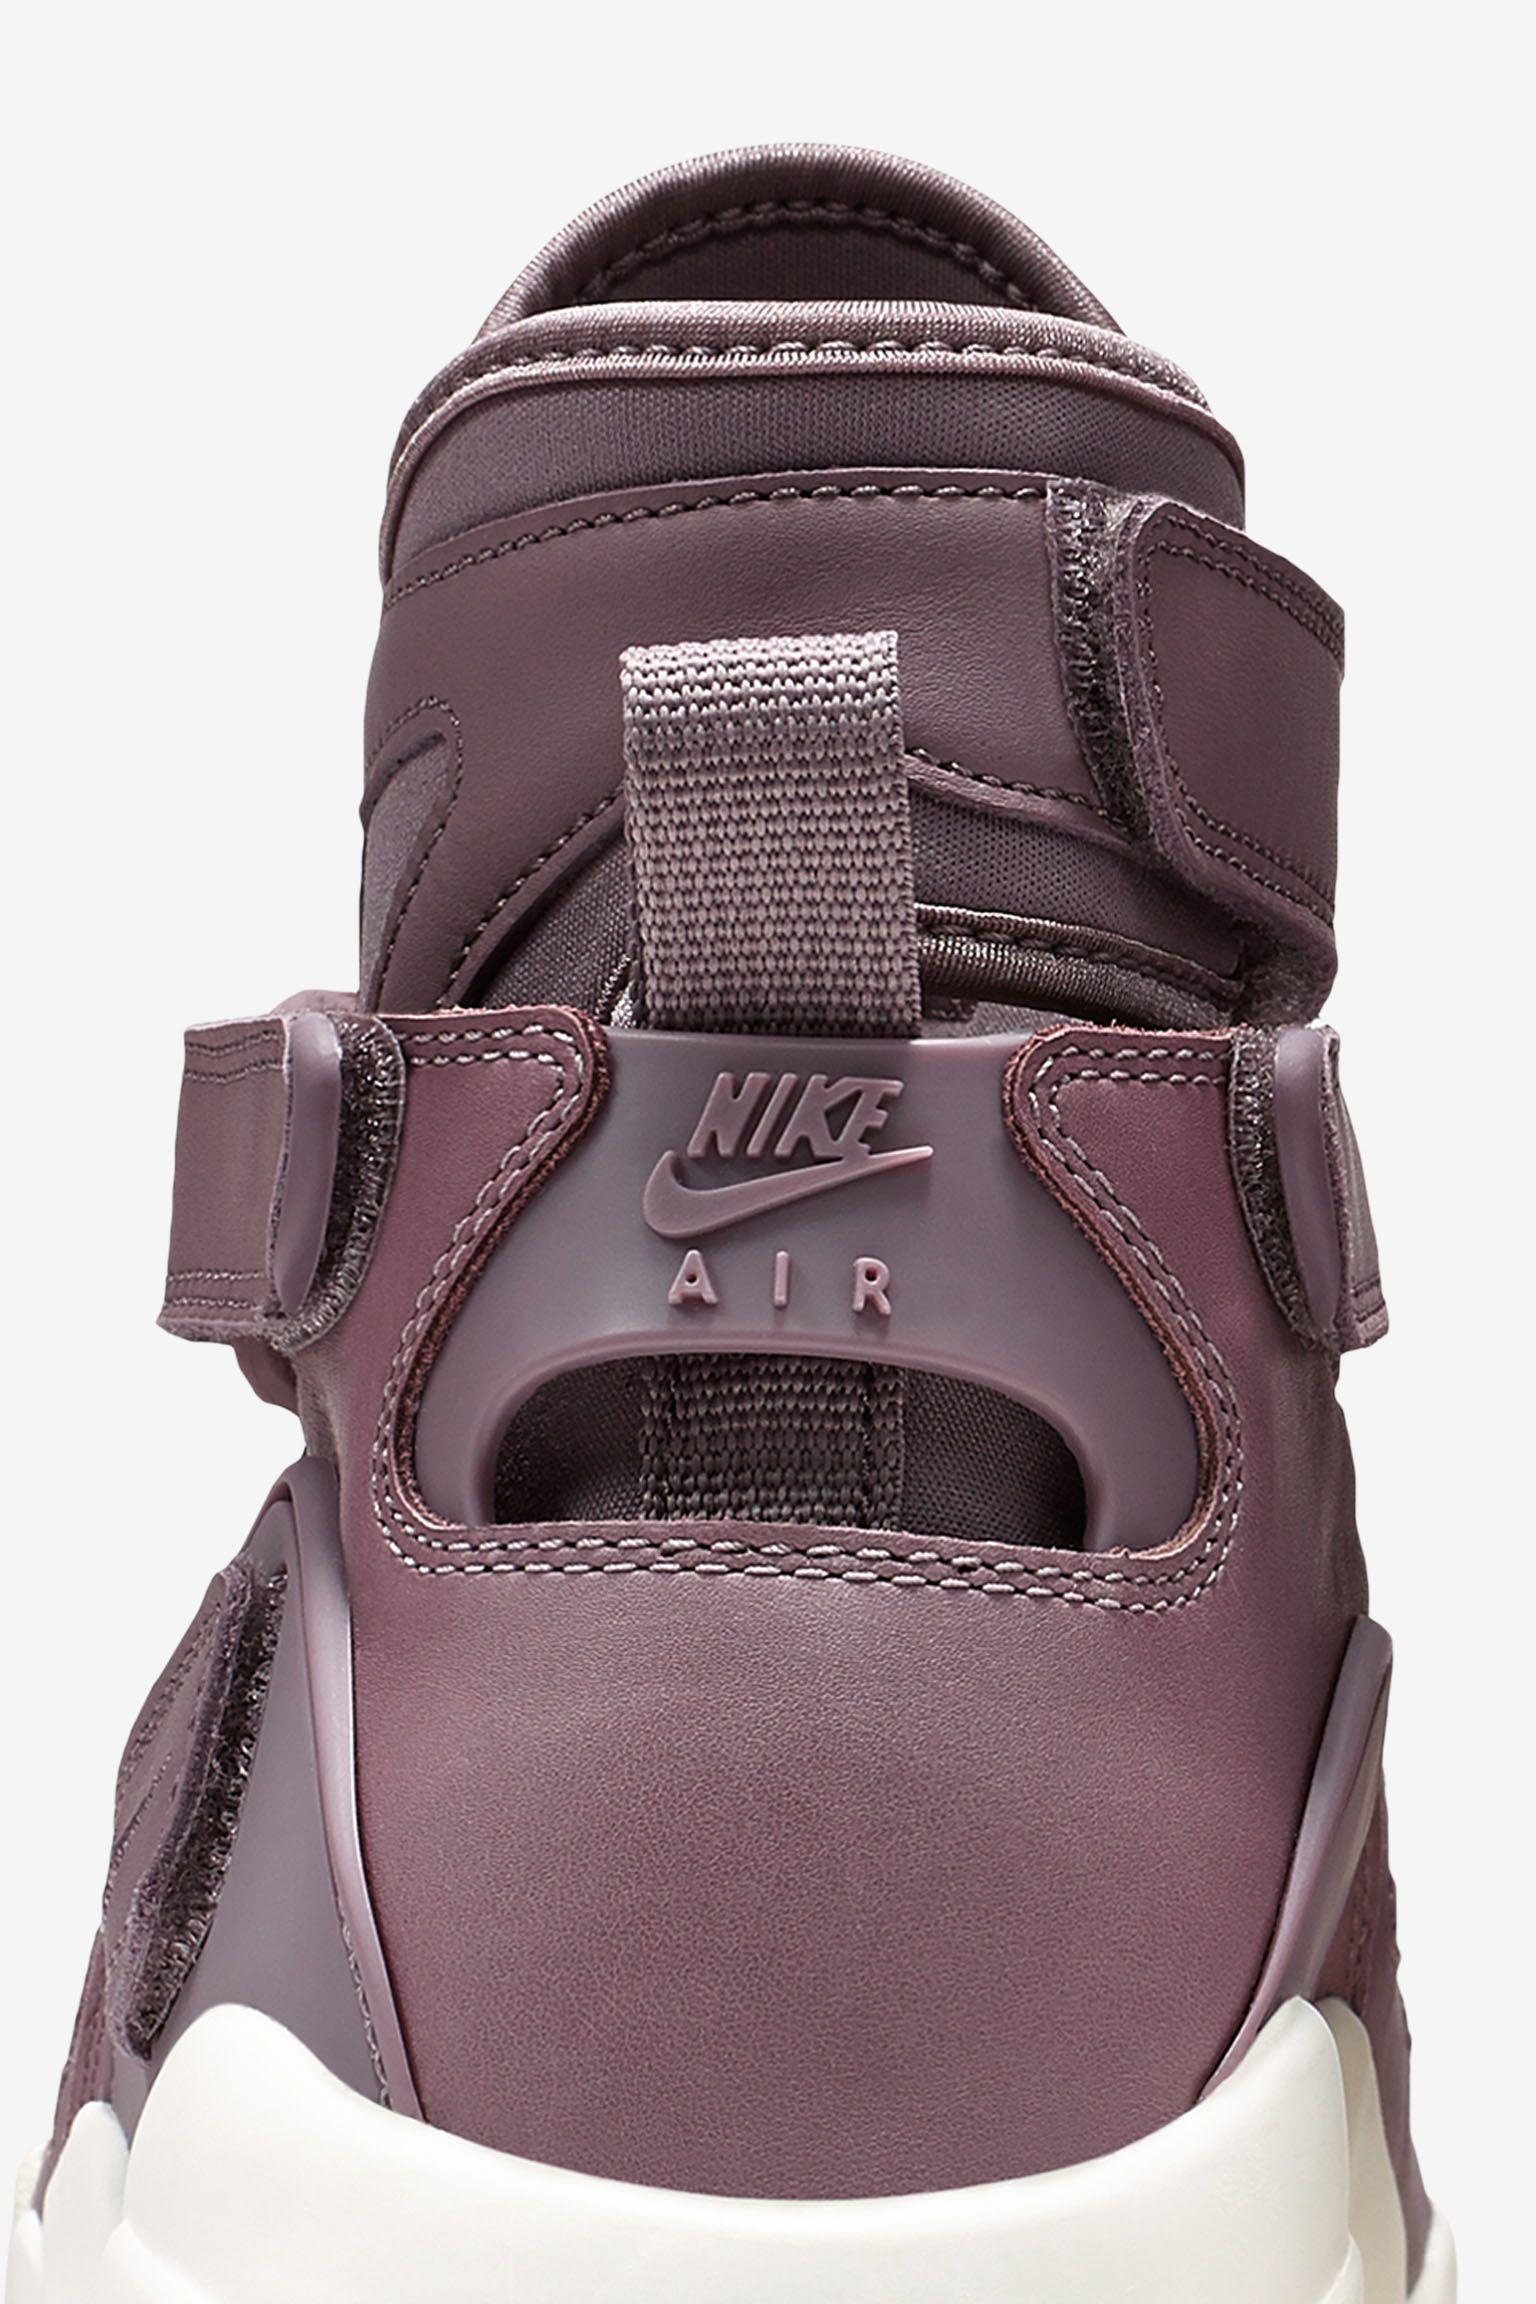 NikeLab Air Unlimited 'Purple Smoke' Release Date